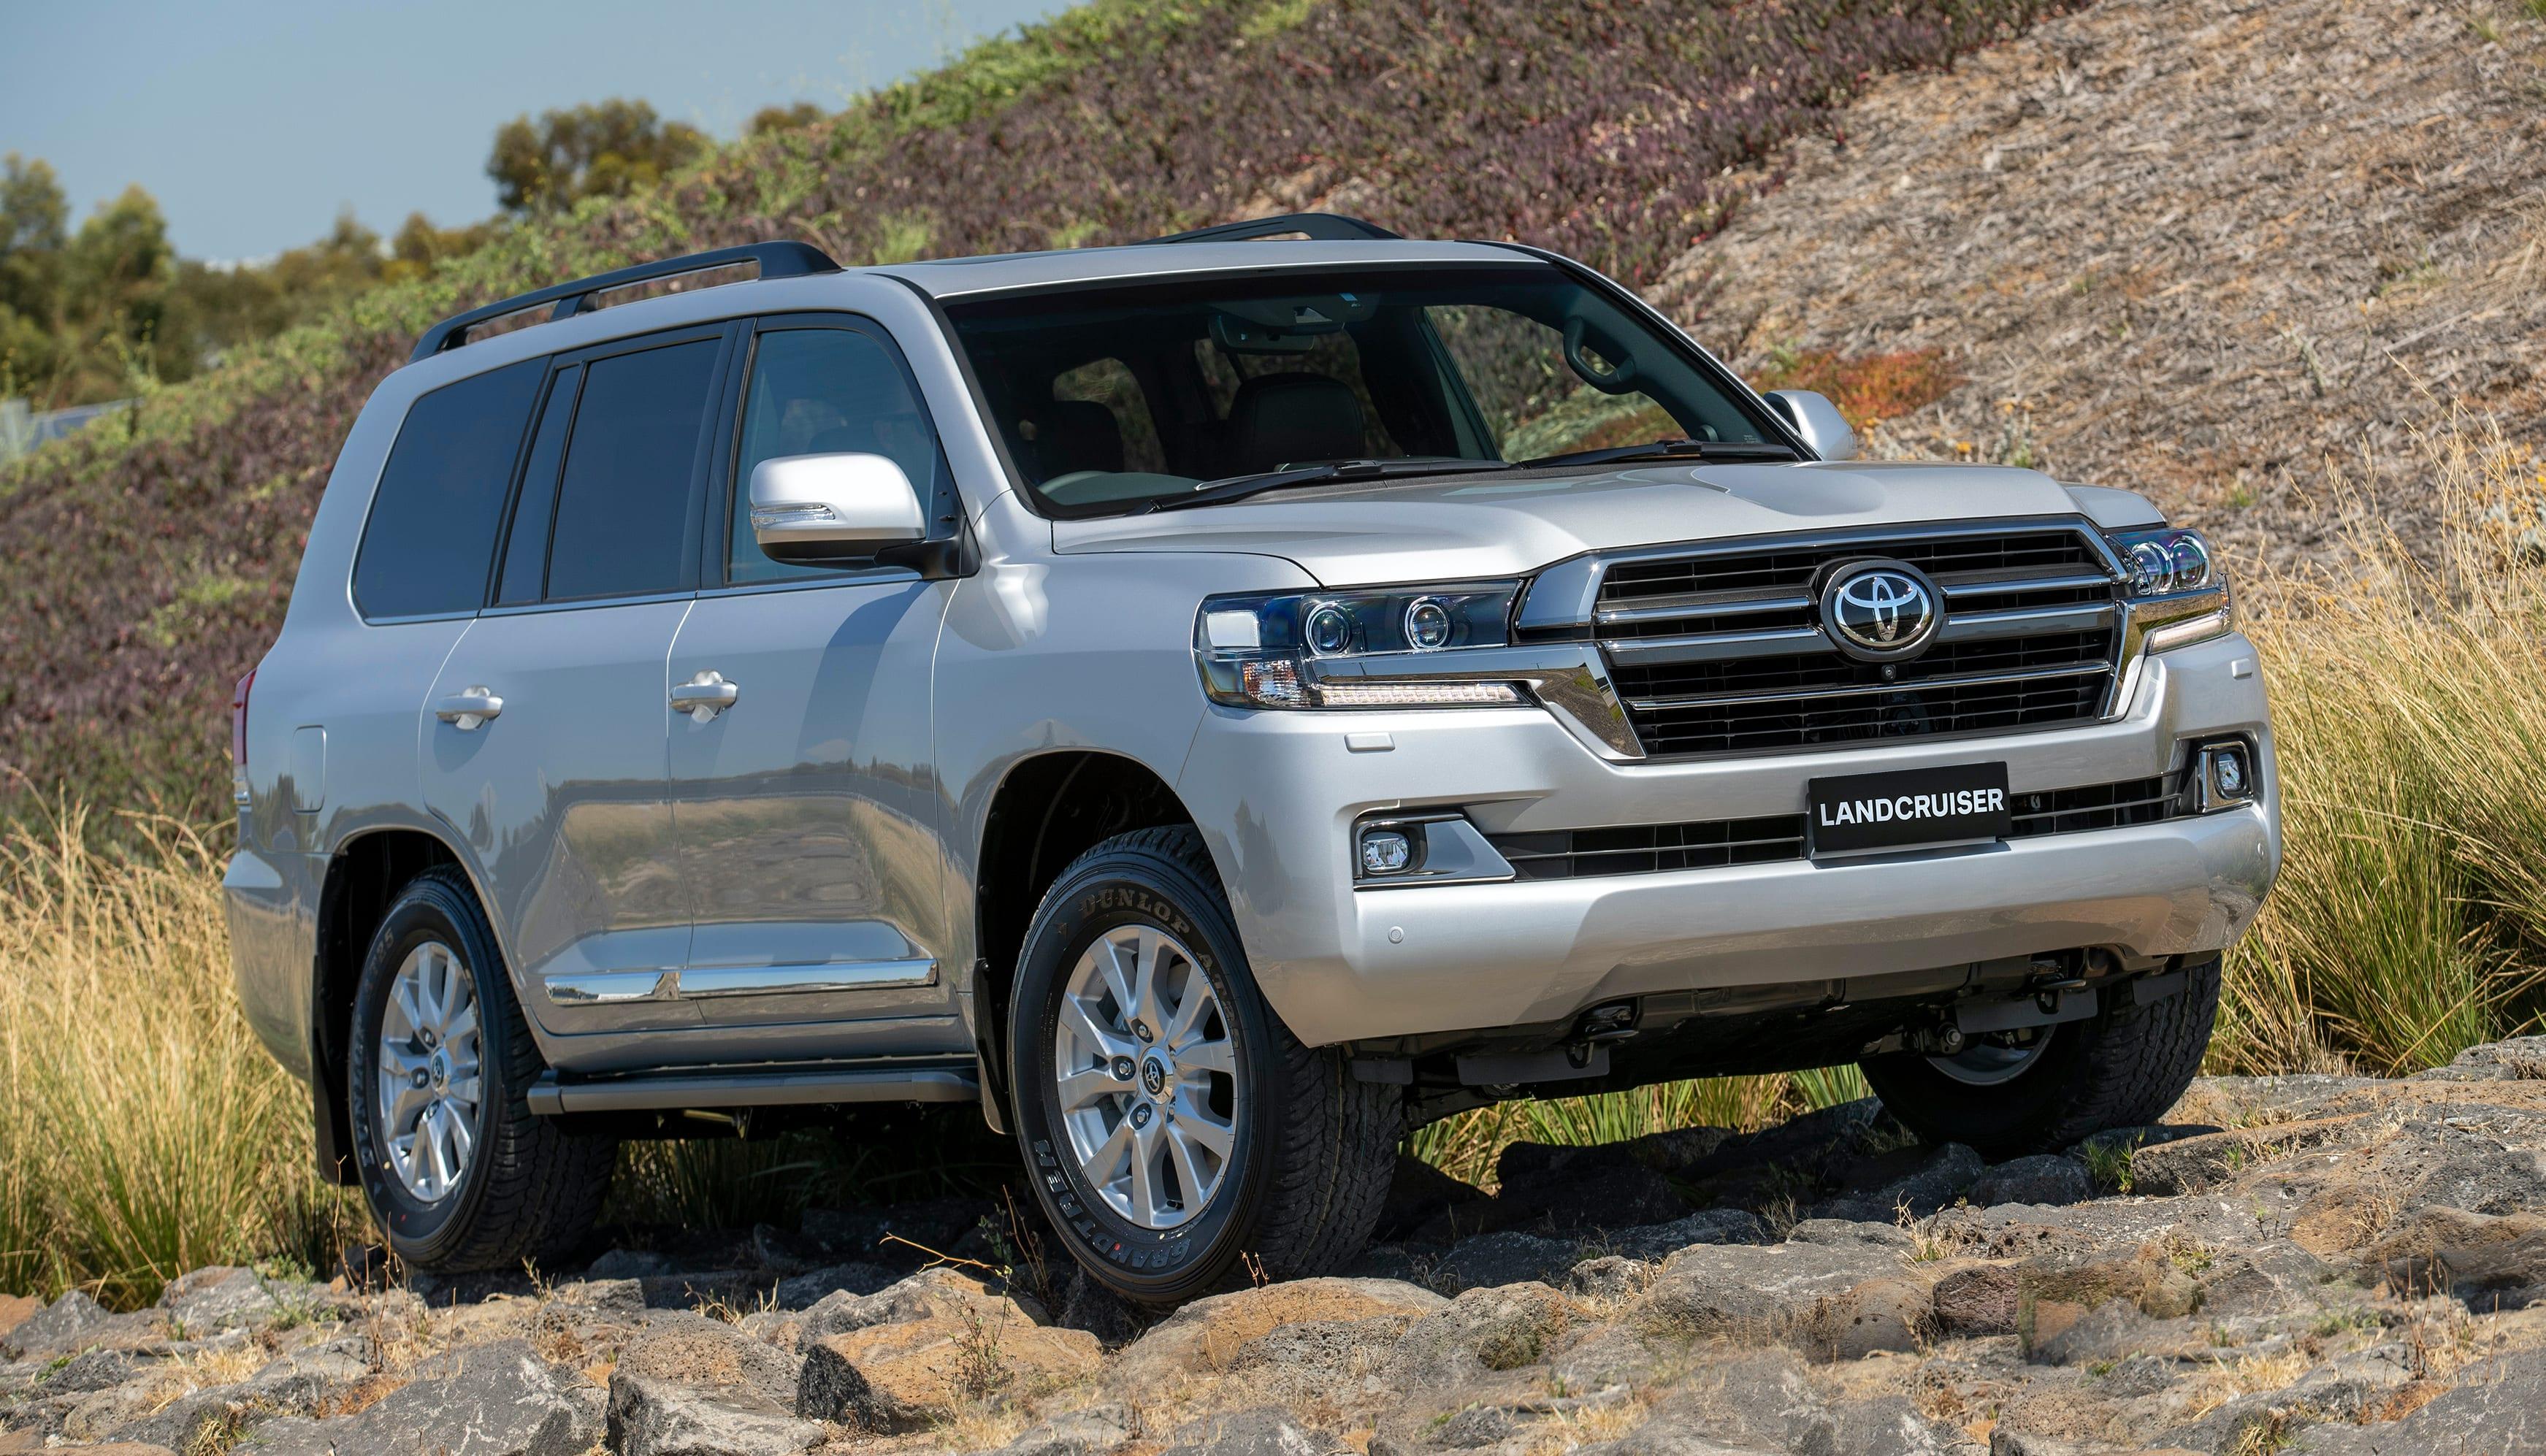 Kelebihan Toyota Lc 200 Top Model Tahun Ini